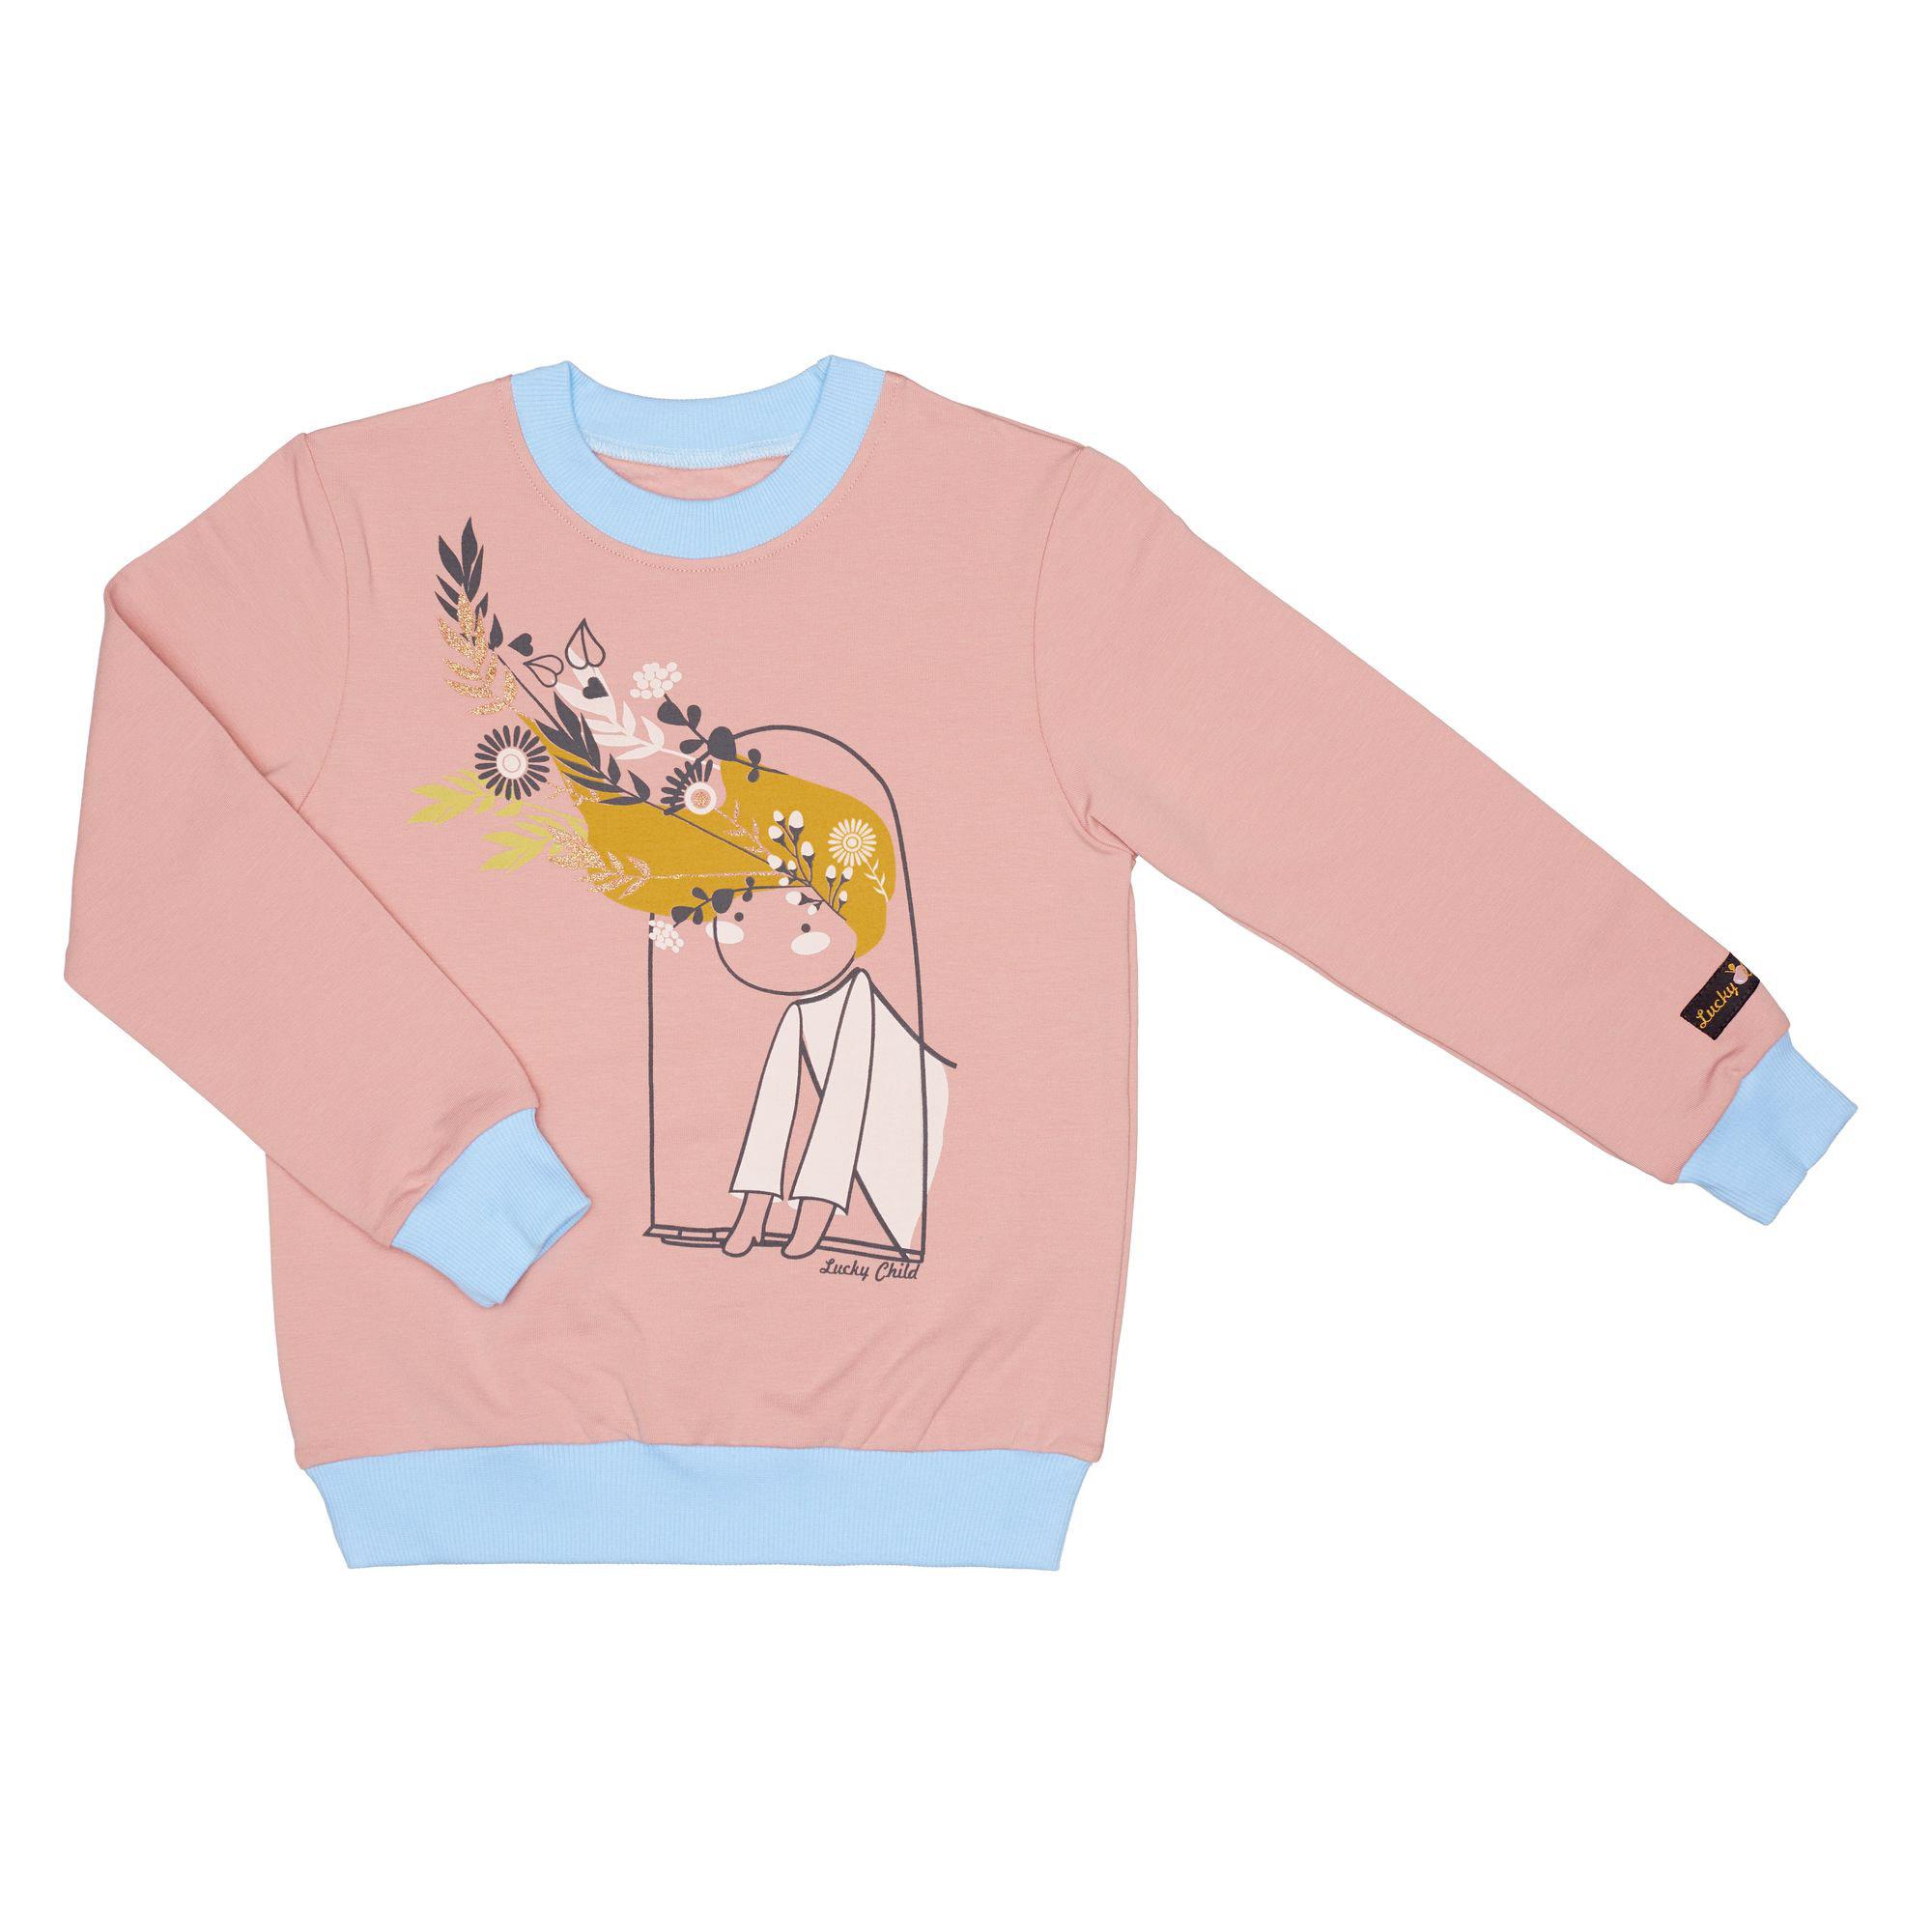 Купить Толстовка Lucky Child Осенний лес футер розовая 104-110, Розовый, Футер, Для девочек, Осень-Зима,